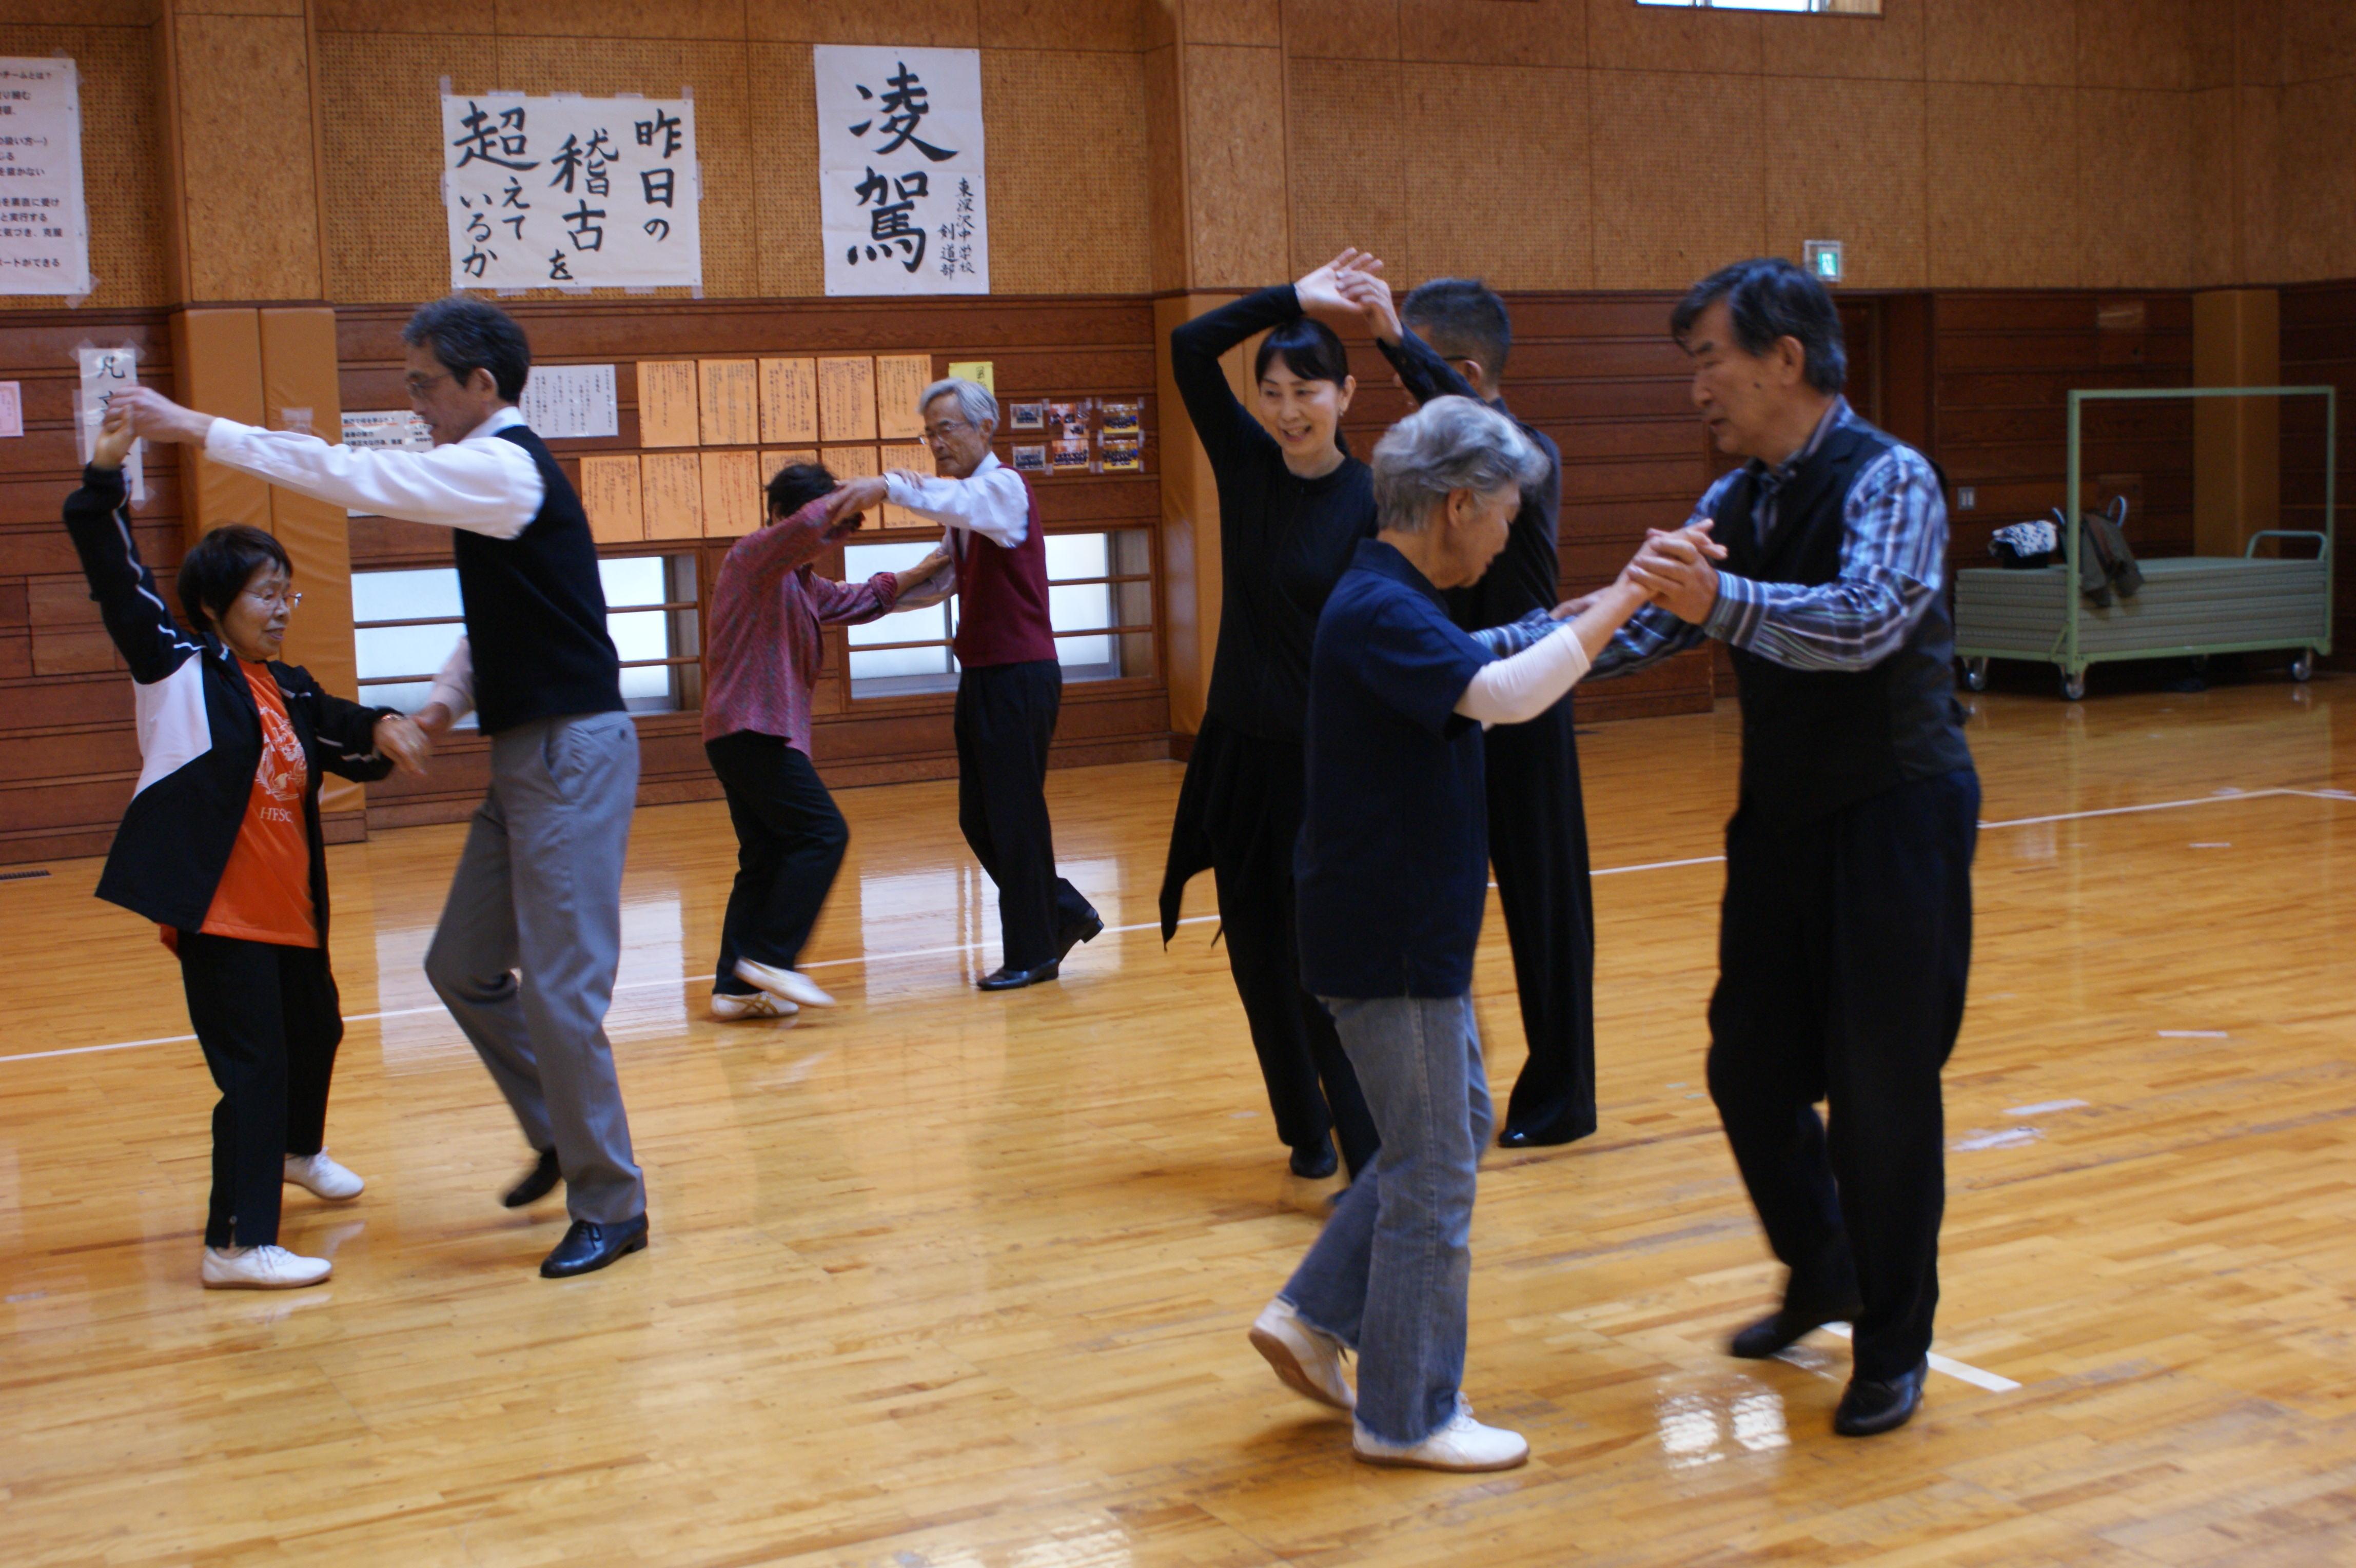 社交ダンスは体験で優雅な気分に